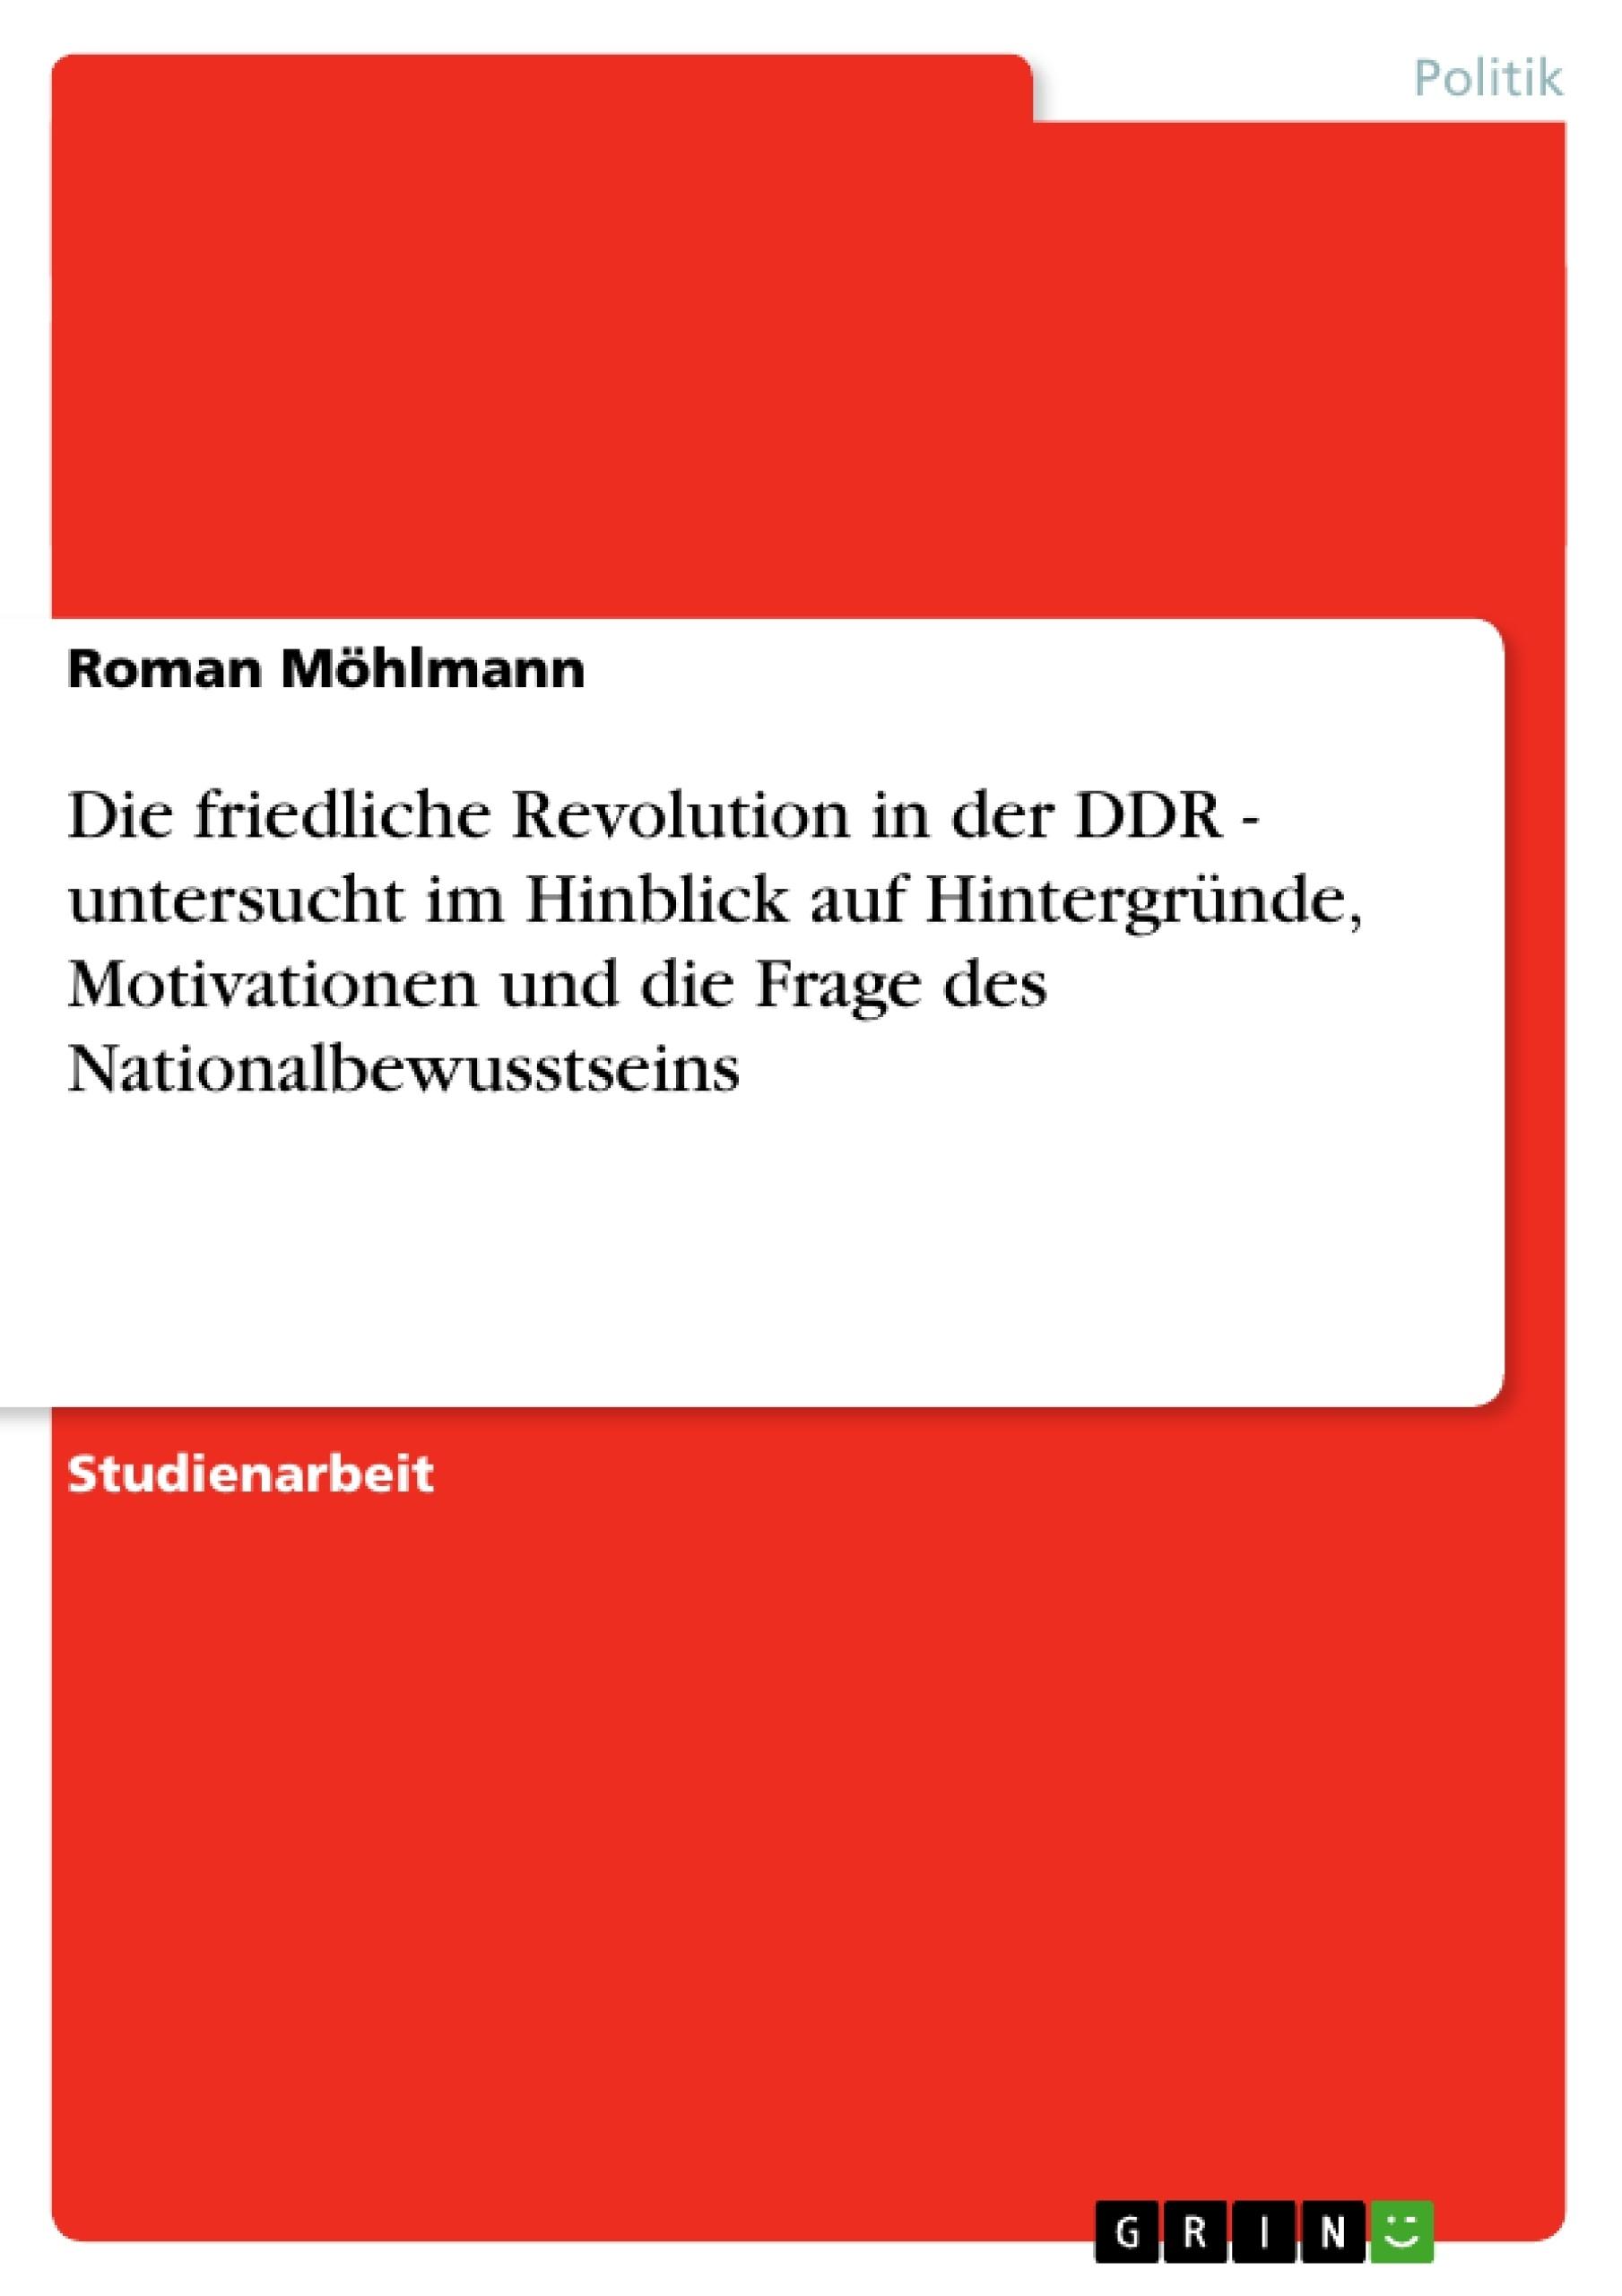 Titel: Die friedliche Revolution in der DDR -  untersucht im Hinblick auf Hintergründe, Motivationen und die Frage des Nationalbewusstseins